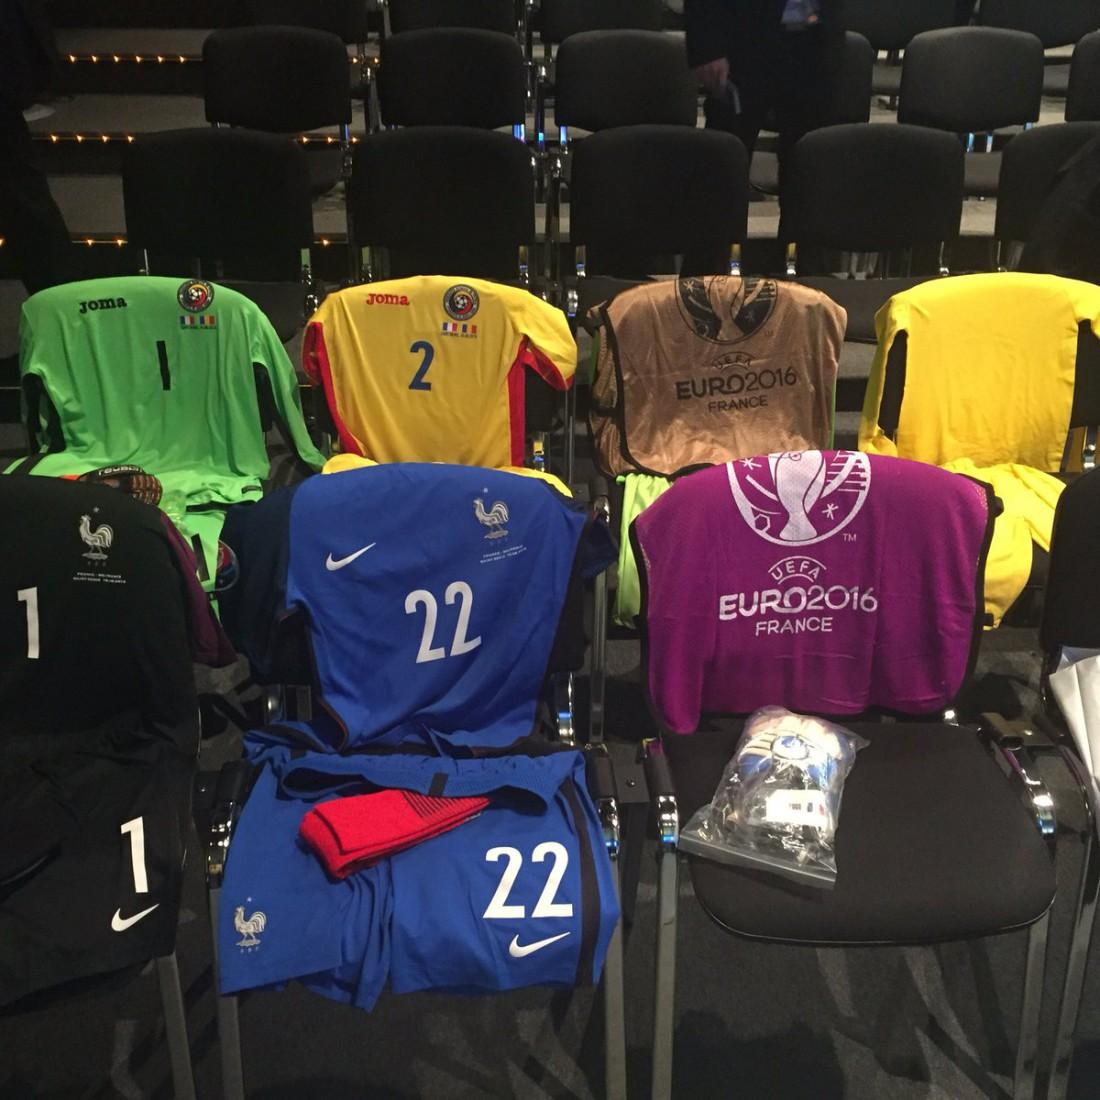 Форма сборных Румынии и Франции на первый матч Евро-2016